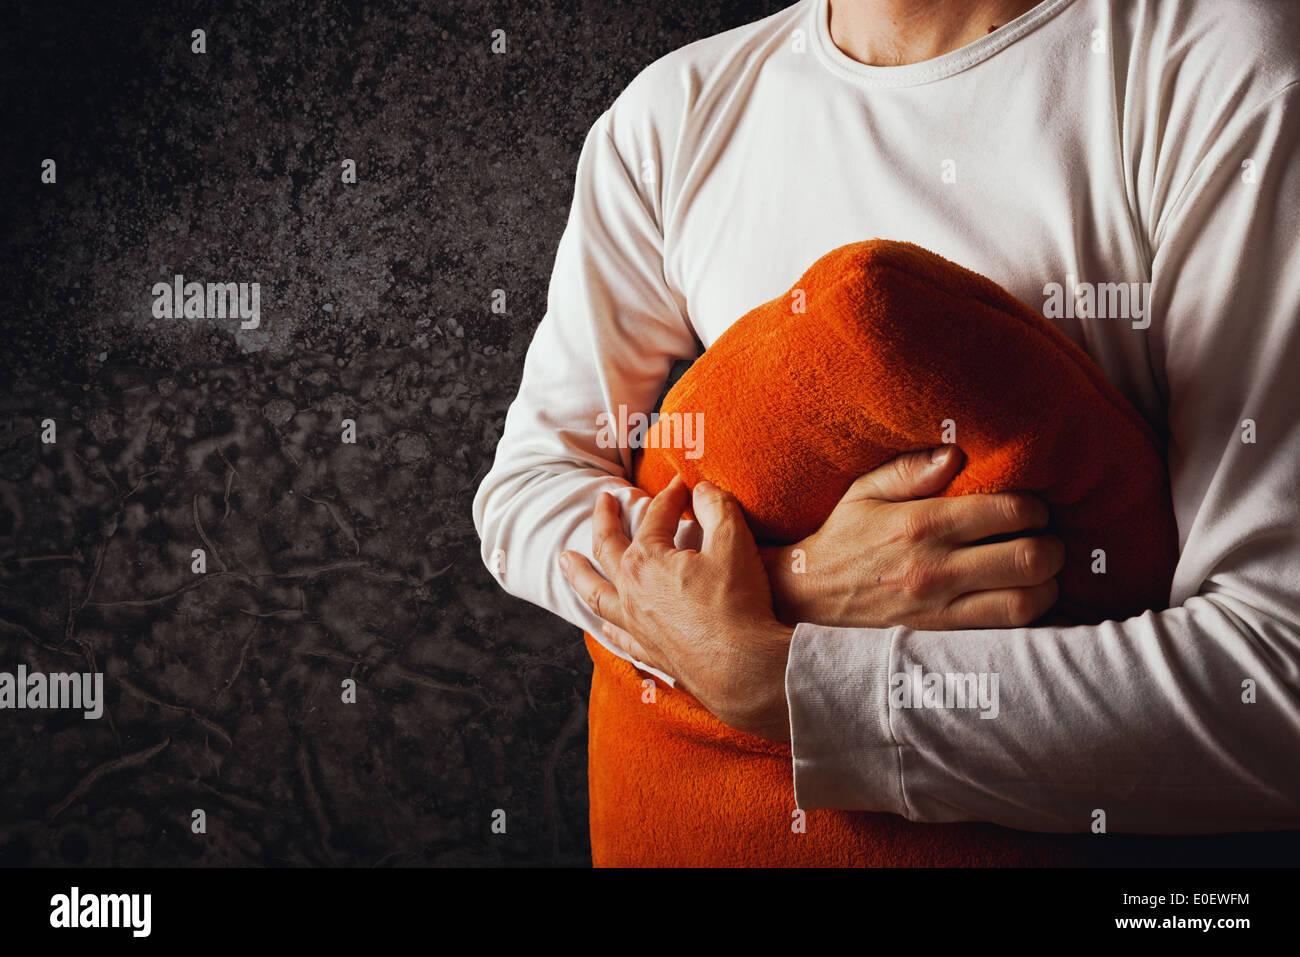 Mann umarmt orange Kissen im dunklen Raum. Konzept von Kummer, Traurigkeit und Depression. Stockbild